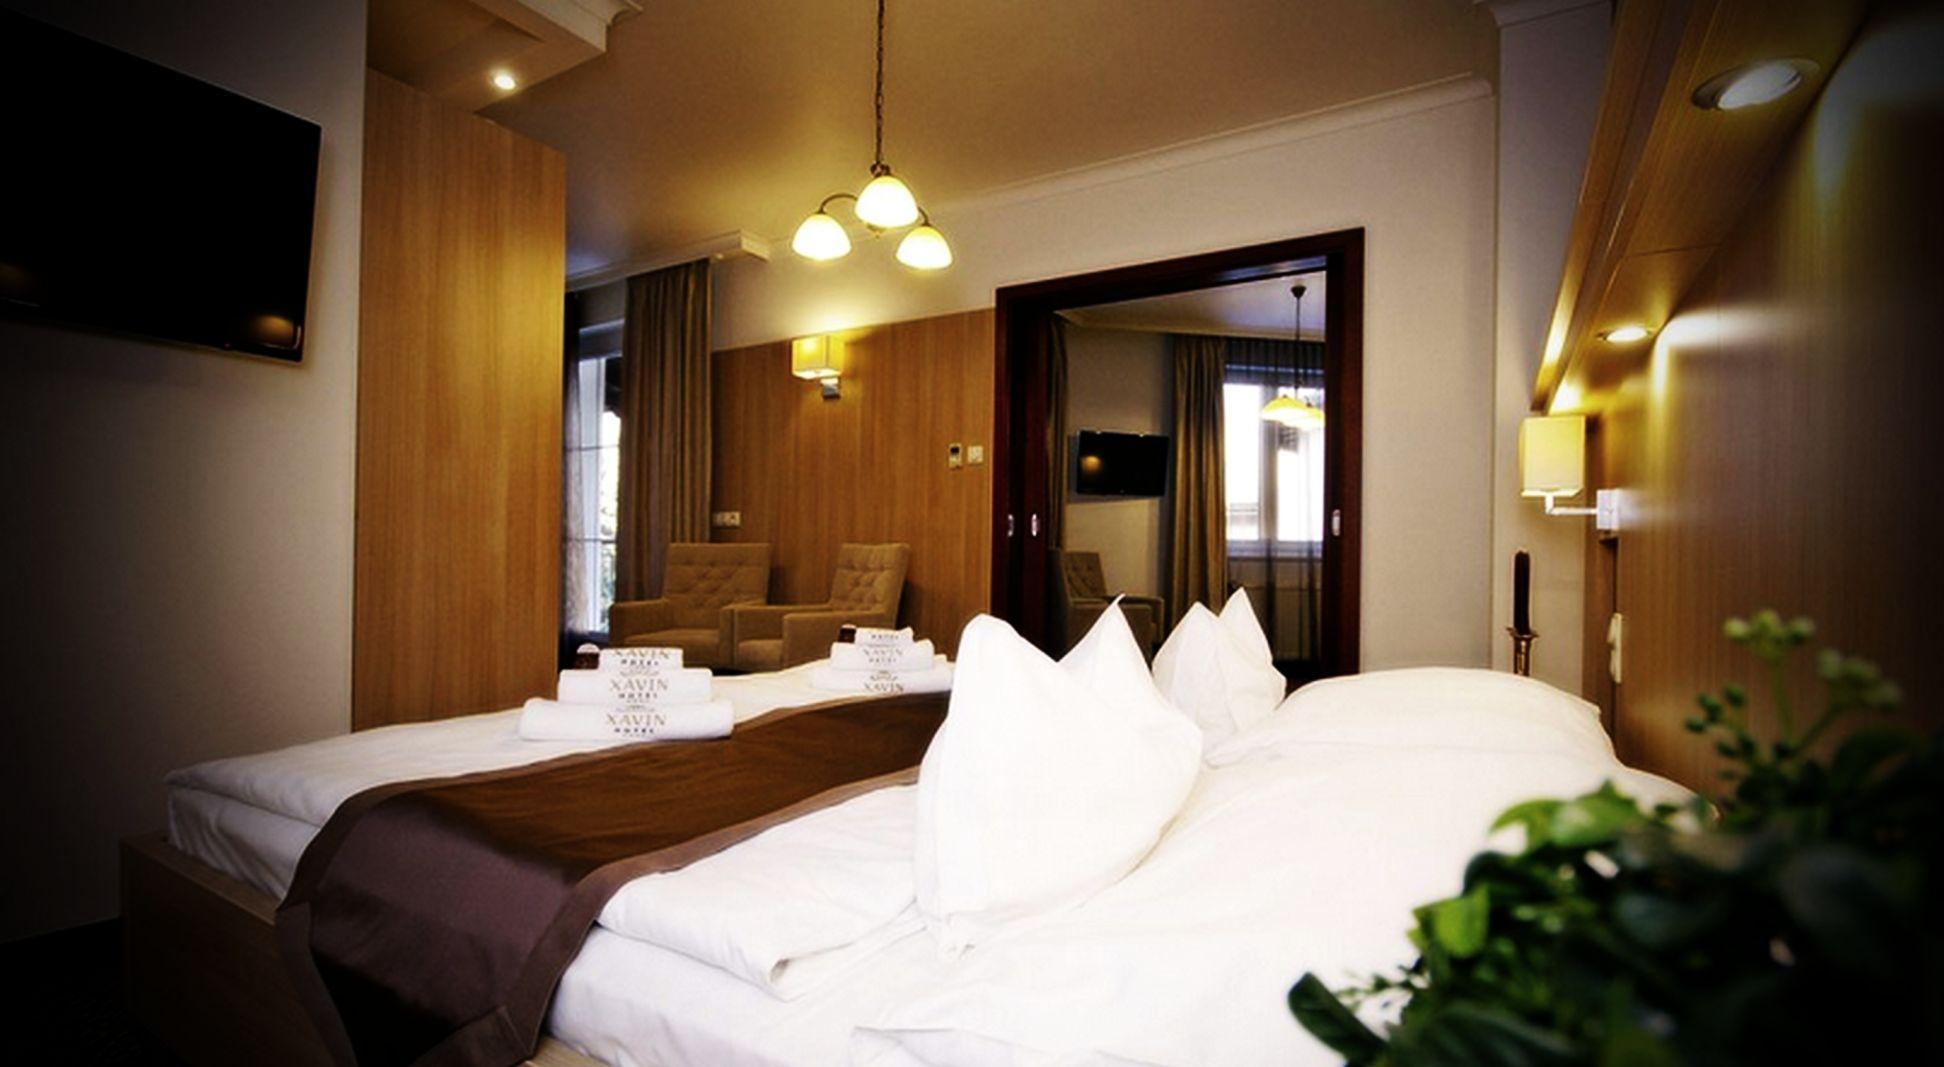 banje/harkanj/xavin/xavin-hotel-soba-2.JPG